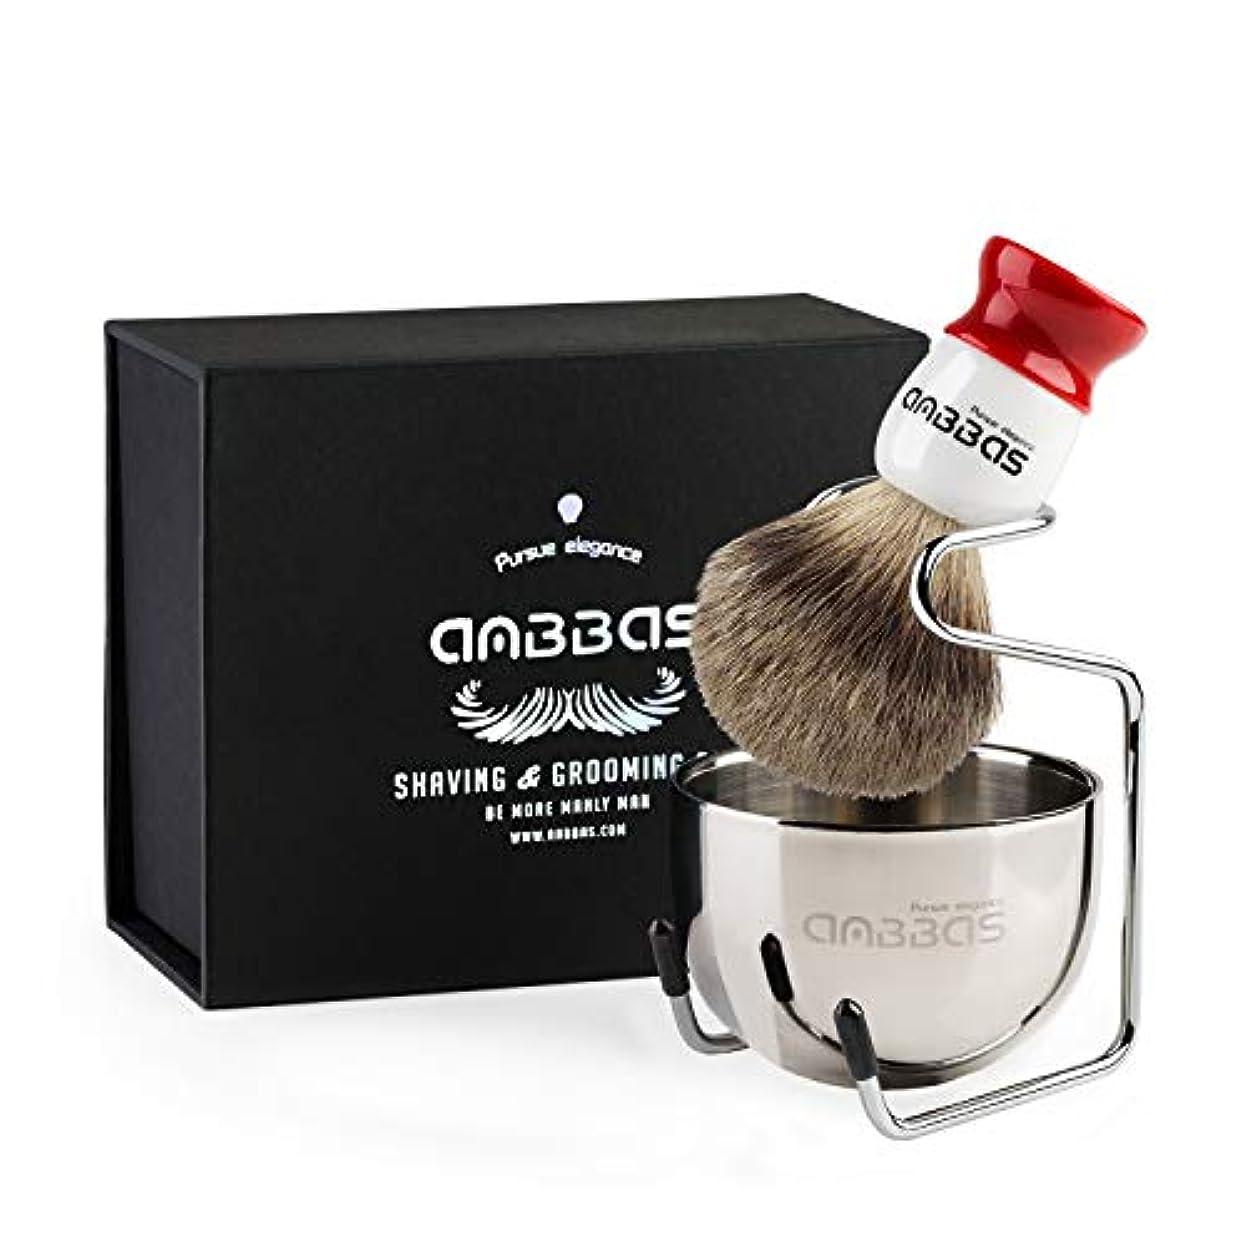 温室六分儀量ひげブラシ Anbbasシェービングブラシ 純粋なバッガーヘア 髭剃り 泡立ち 洗顔ブラシ メンズ (3点セット)